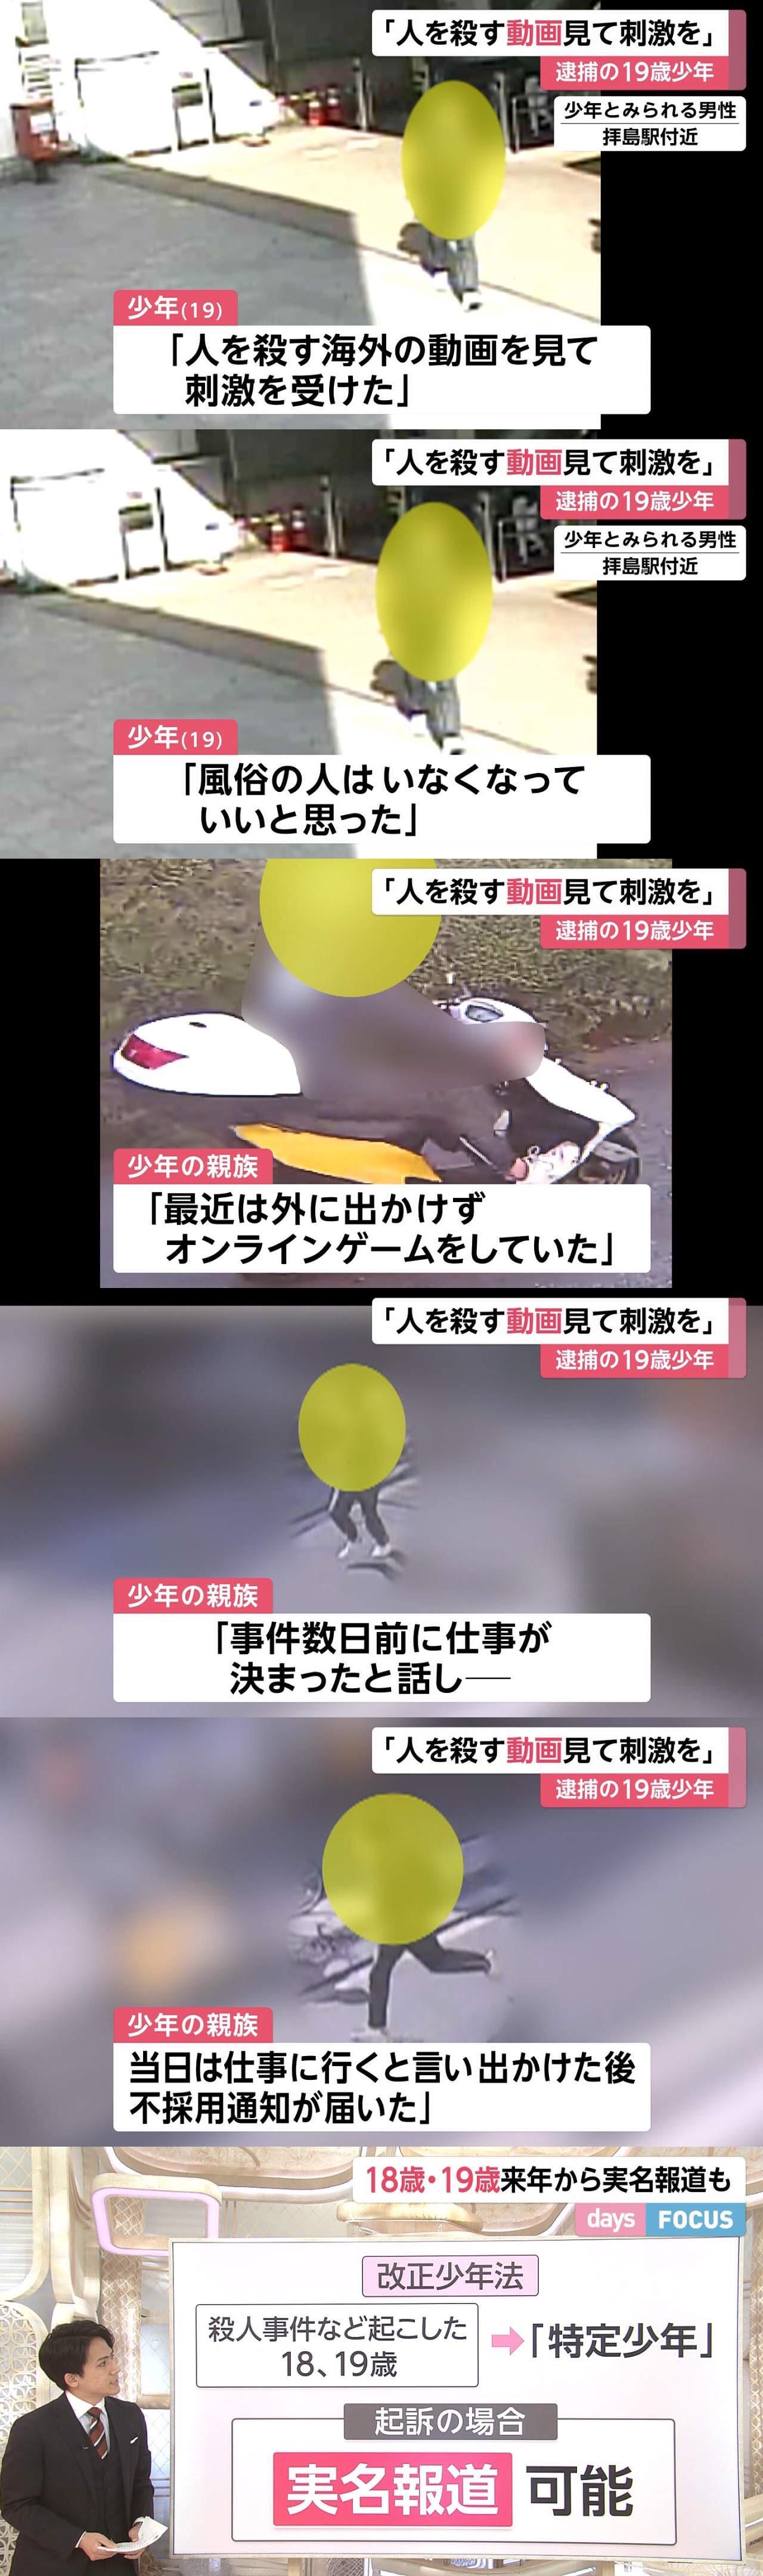 風俗嬢を○した例の少年「世の中おかしい、日本に生まれて損をした」「ネトゲばっかやってた」 | やらおん!